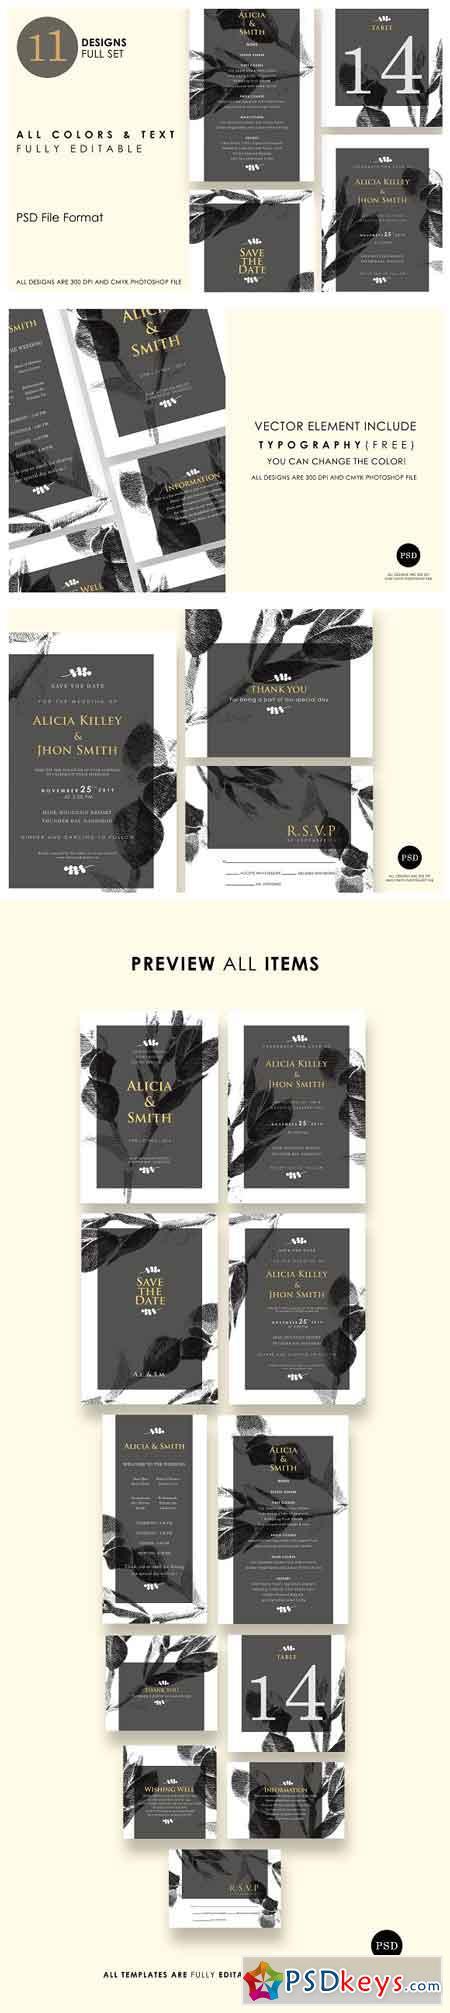 Minimalist Wedding Invitation Ac.7 2667468